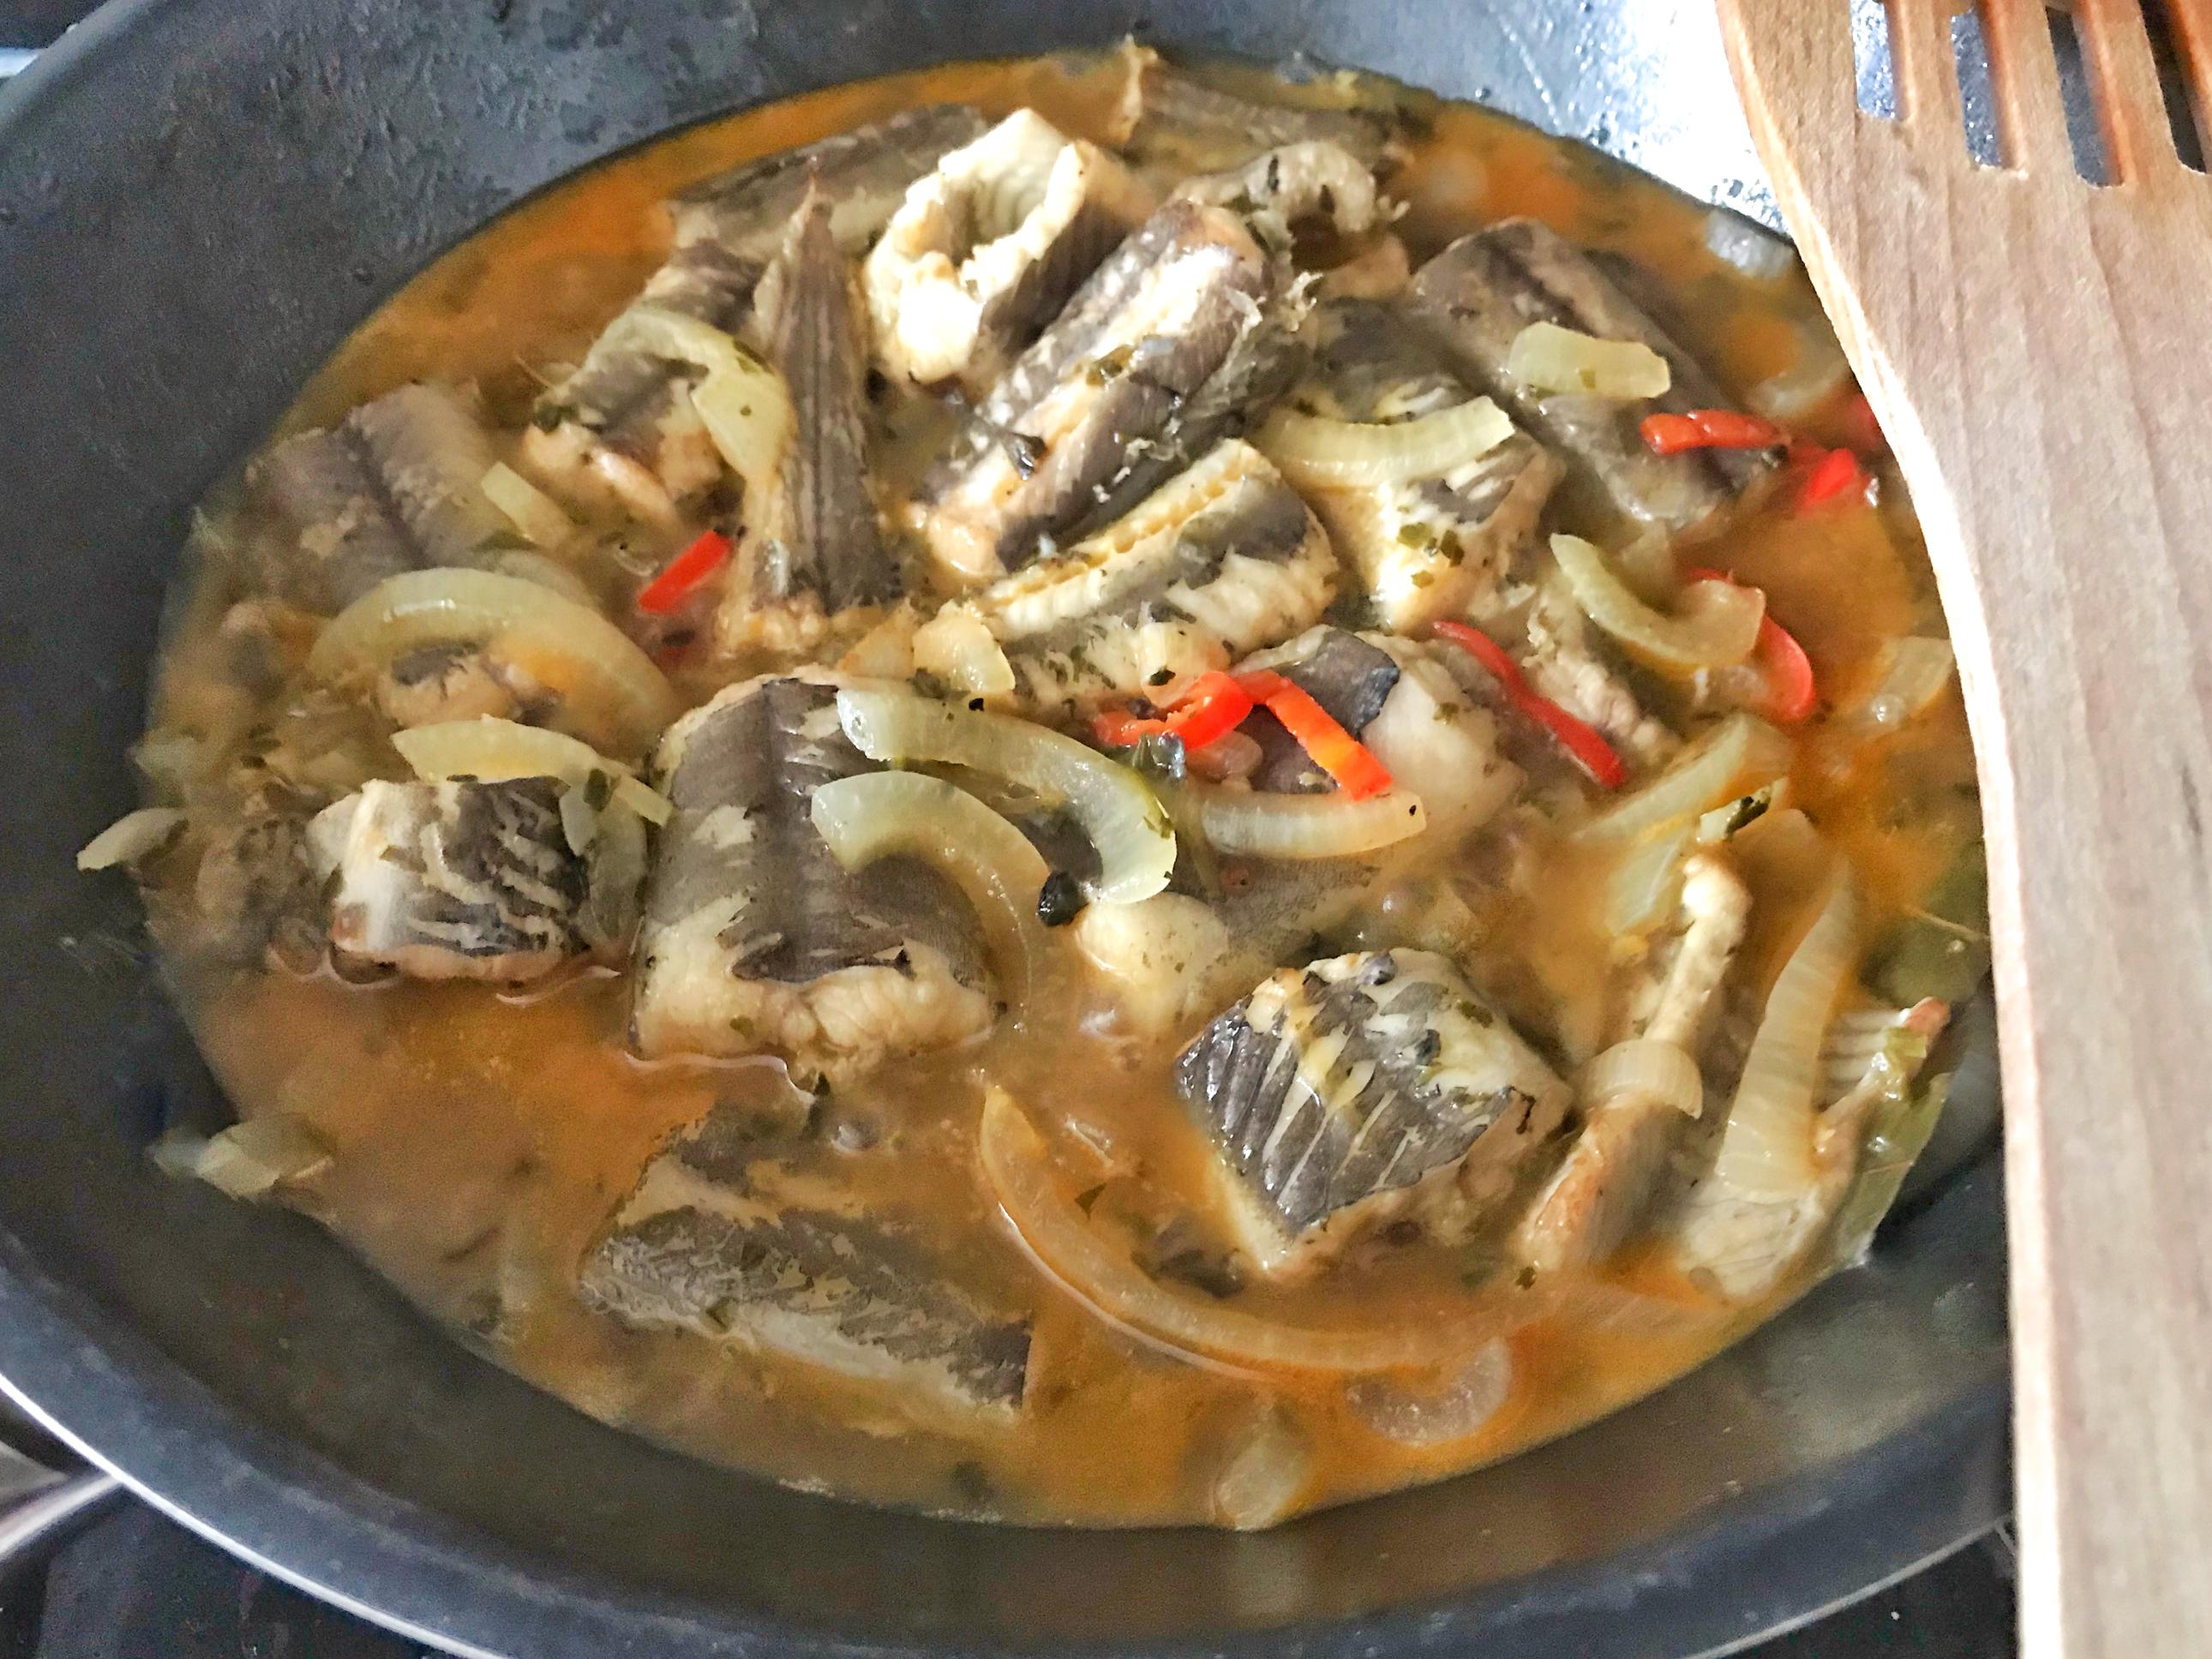 Paling in de wok